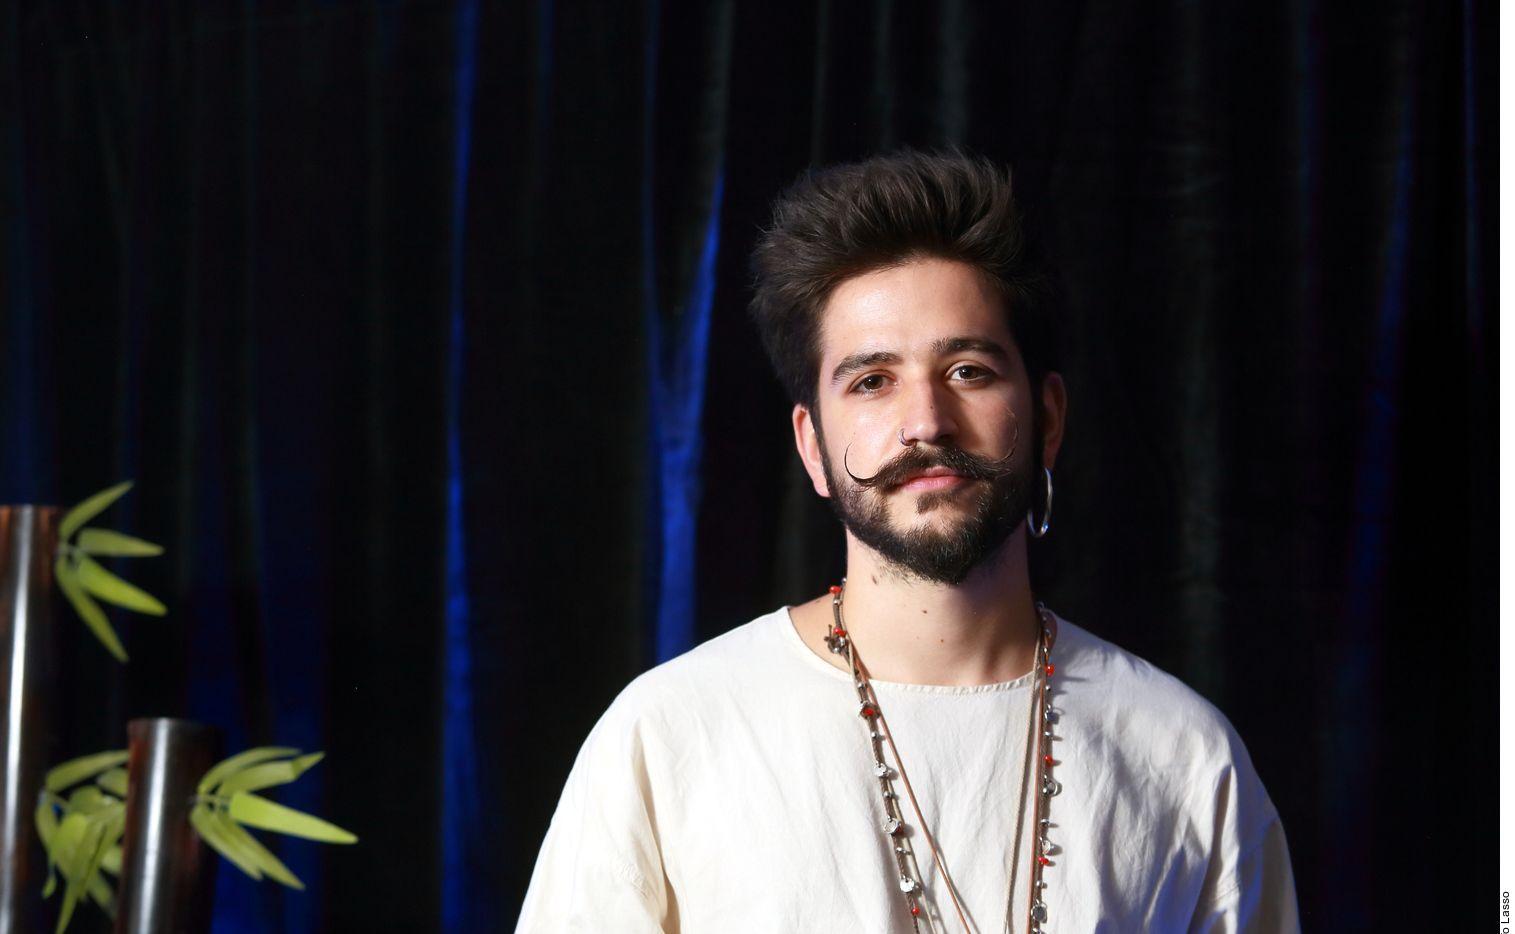 Camilo Echeverry dice que pronto serán anunciadas las fechas de sus futuras presentaciones a través de sus redes sociales.